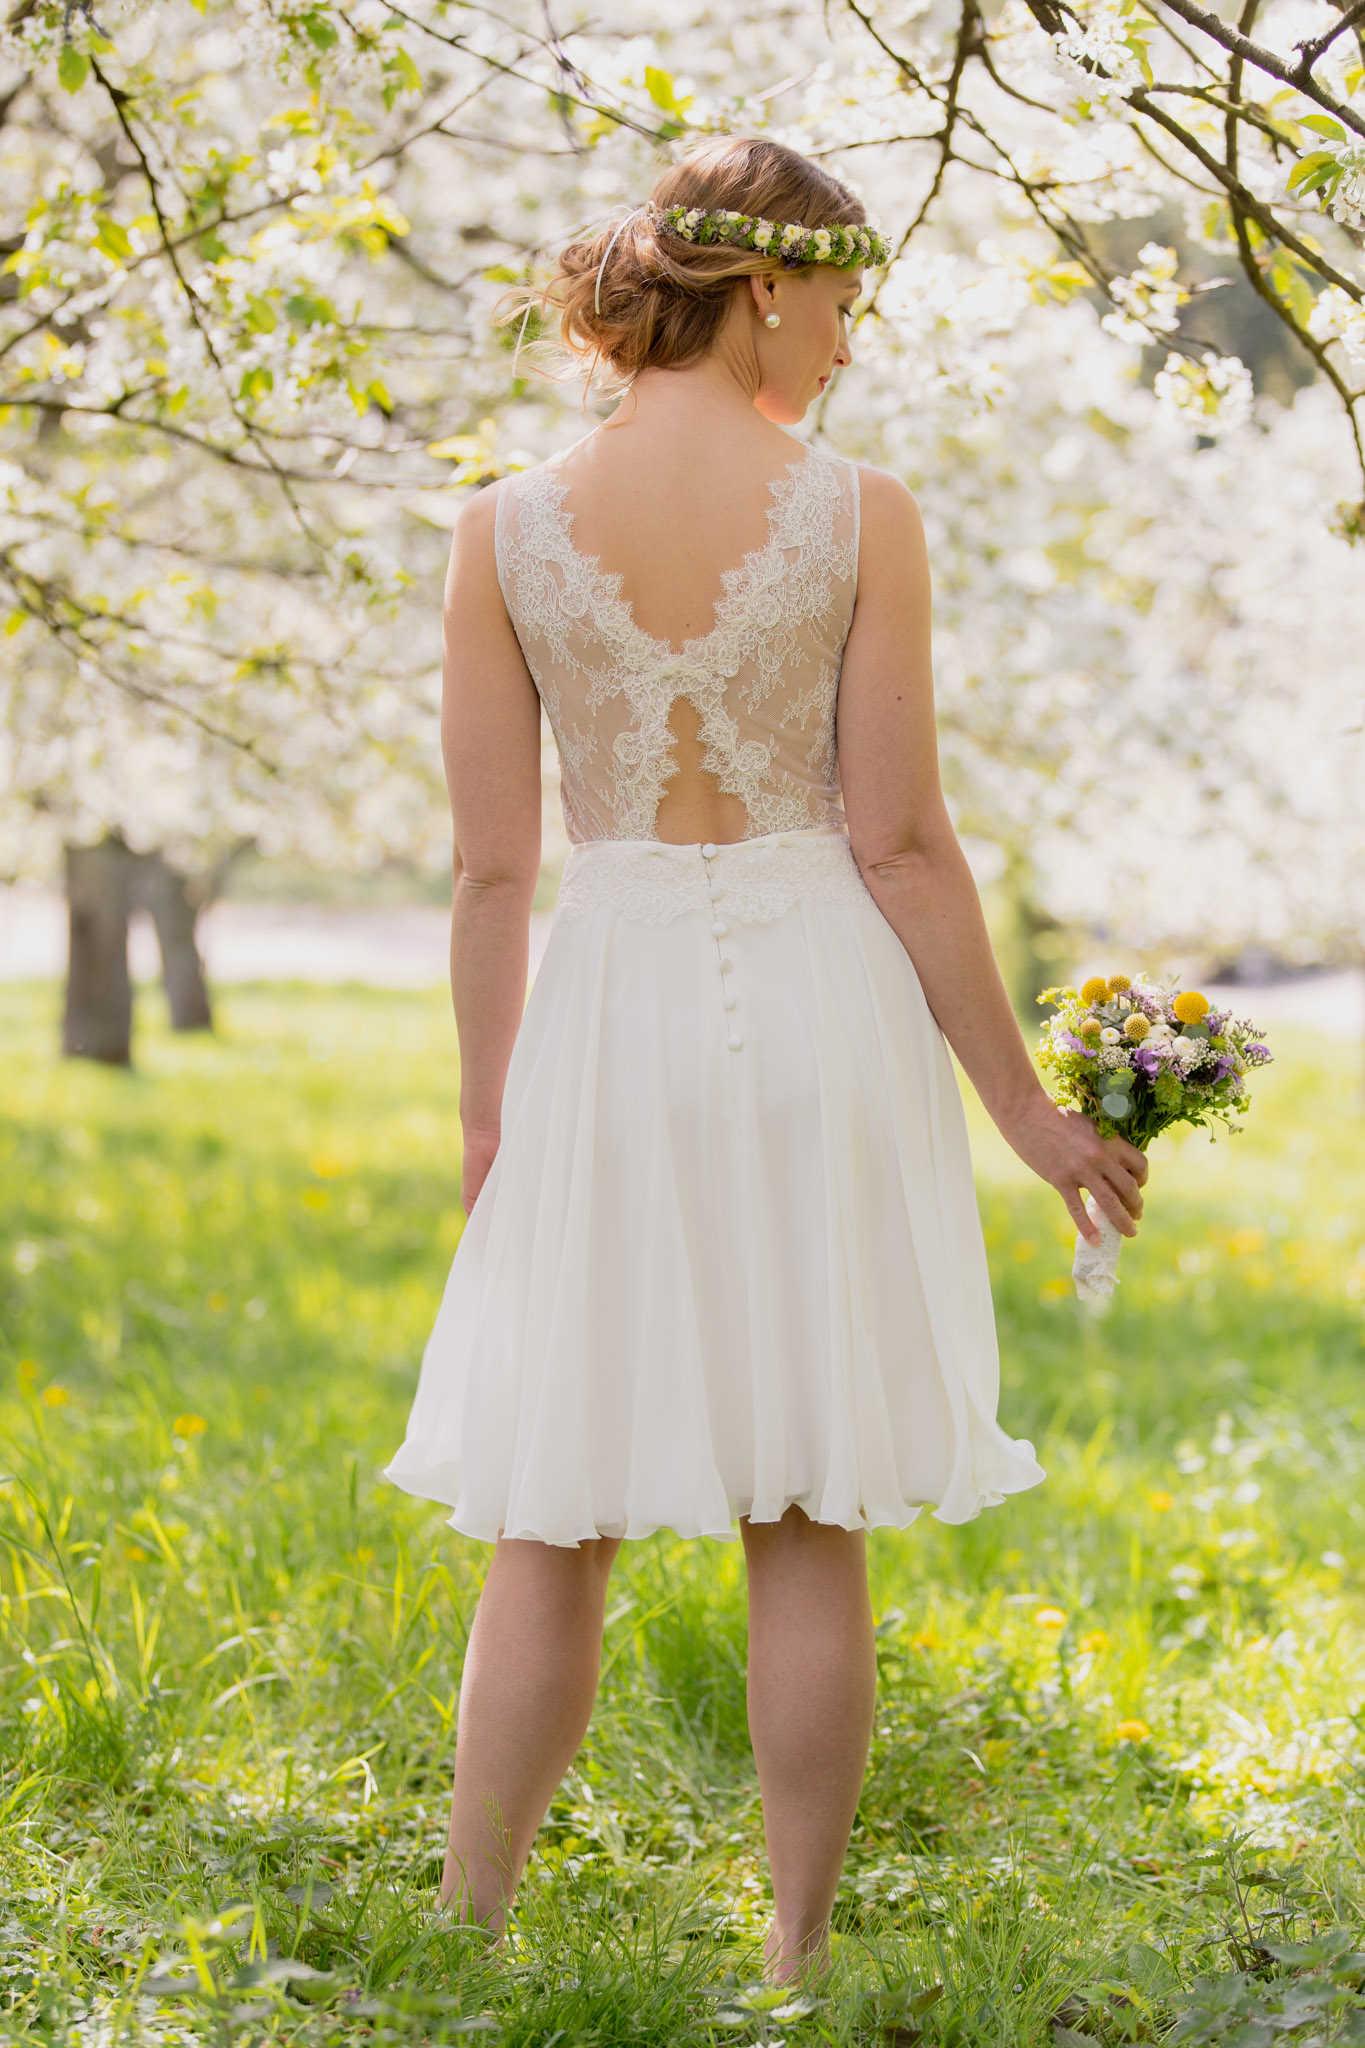 Vintage Brautkleid in kurz mit zauberhafter Spitze - Lilli